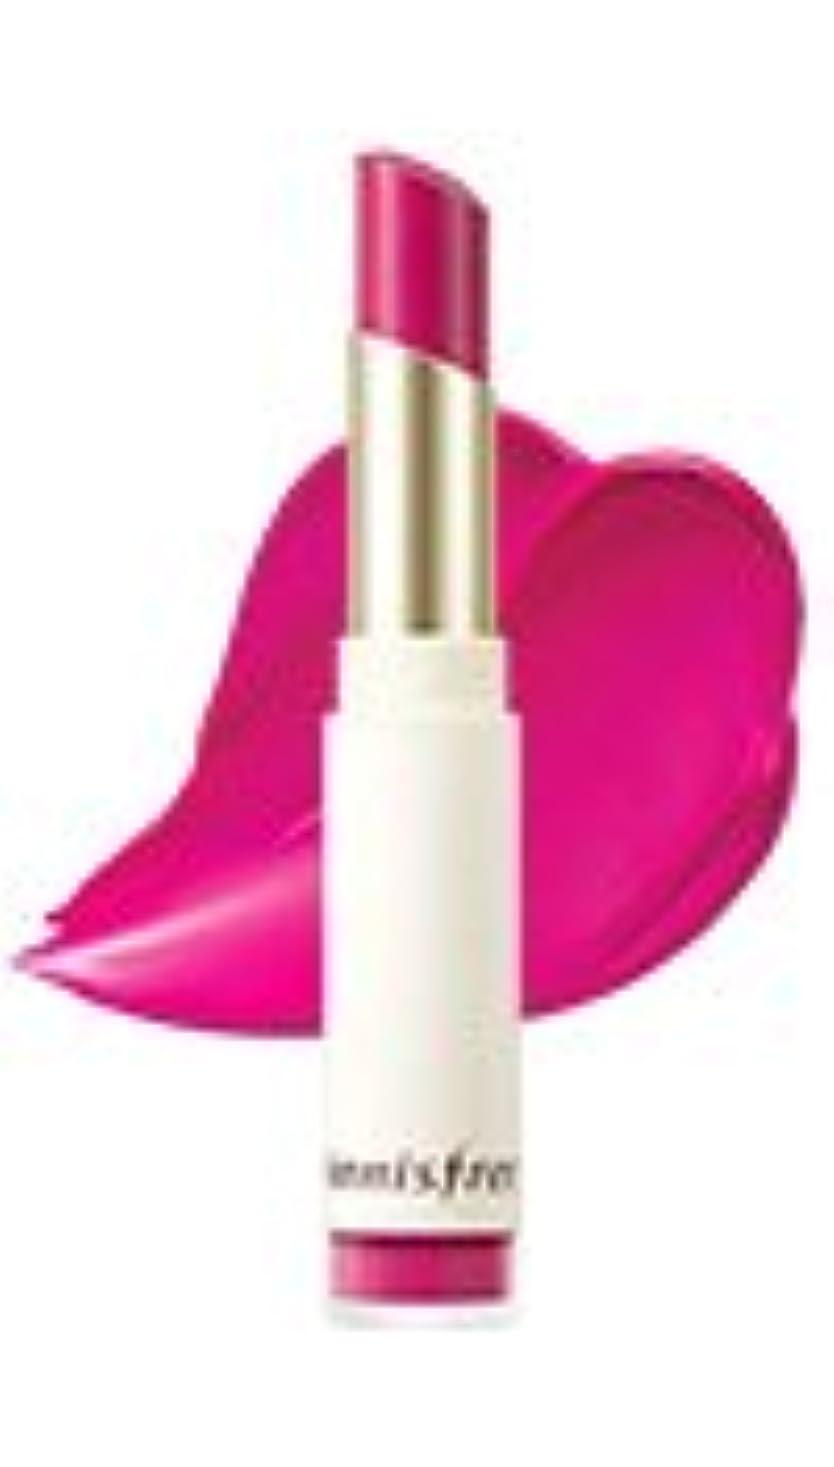 直立ボトルブラストInnisfree Real Fit Velvet Lipstick 3.5g #09 イニスフリー リアルフィットベルベットリップスティック 3.5g #09 [2017 new] [並行輸入品]